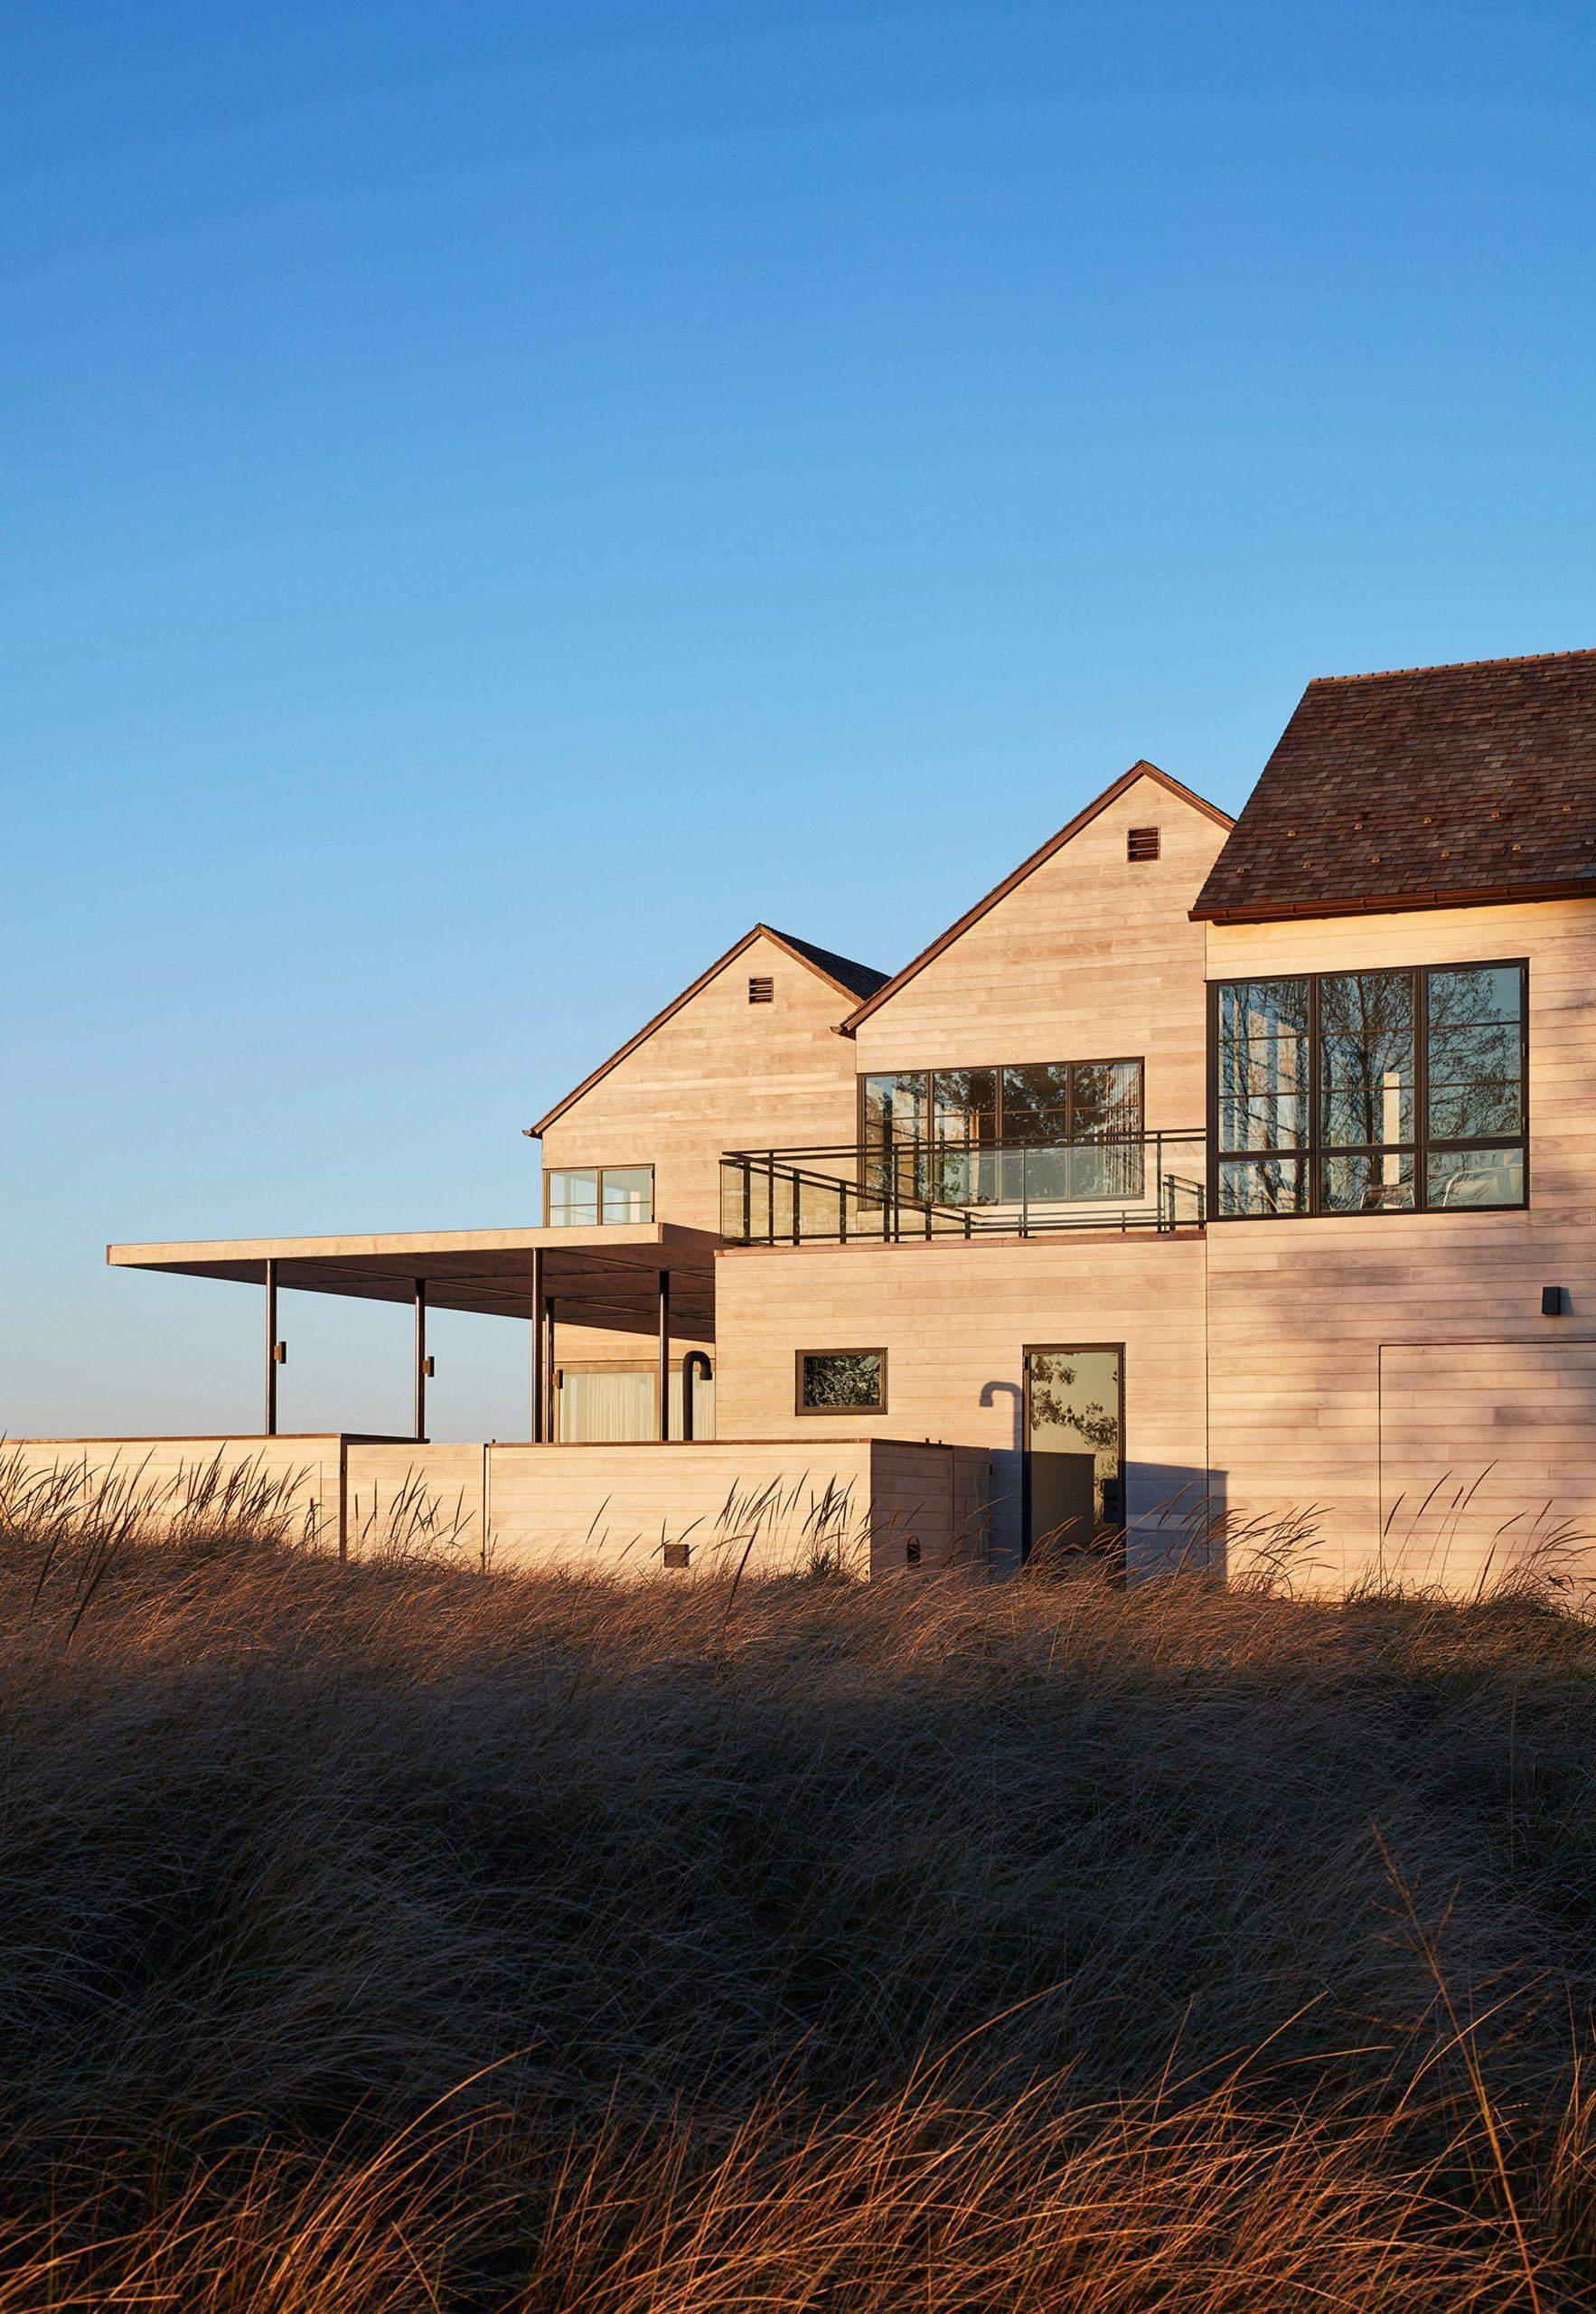 Будиночки однотипні та з гострими дахами / Фото Deezen